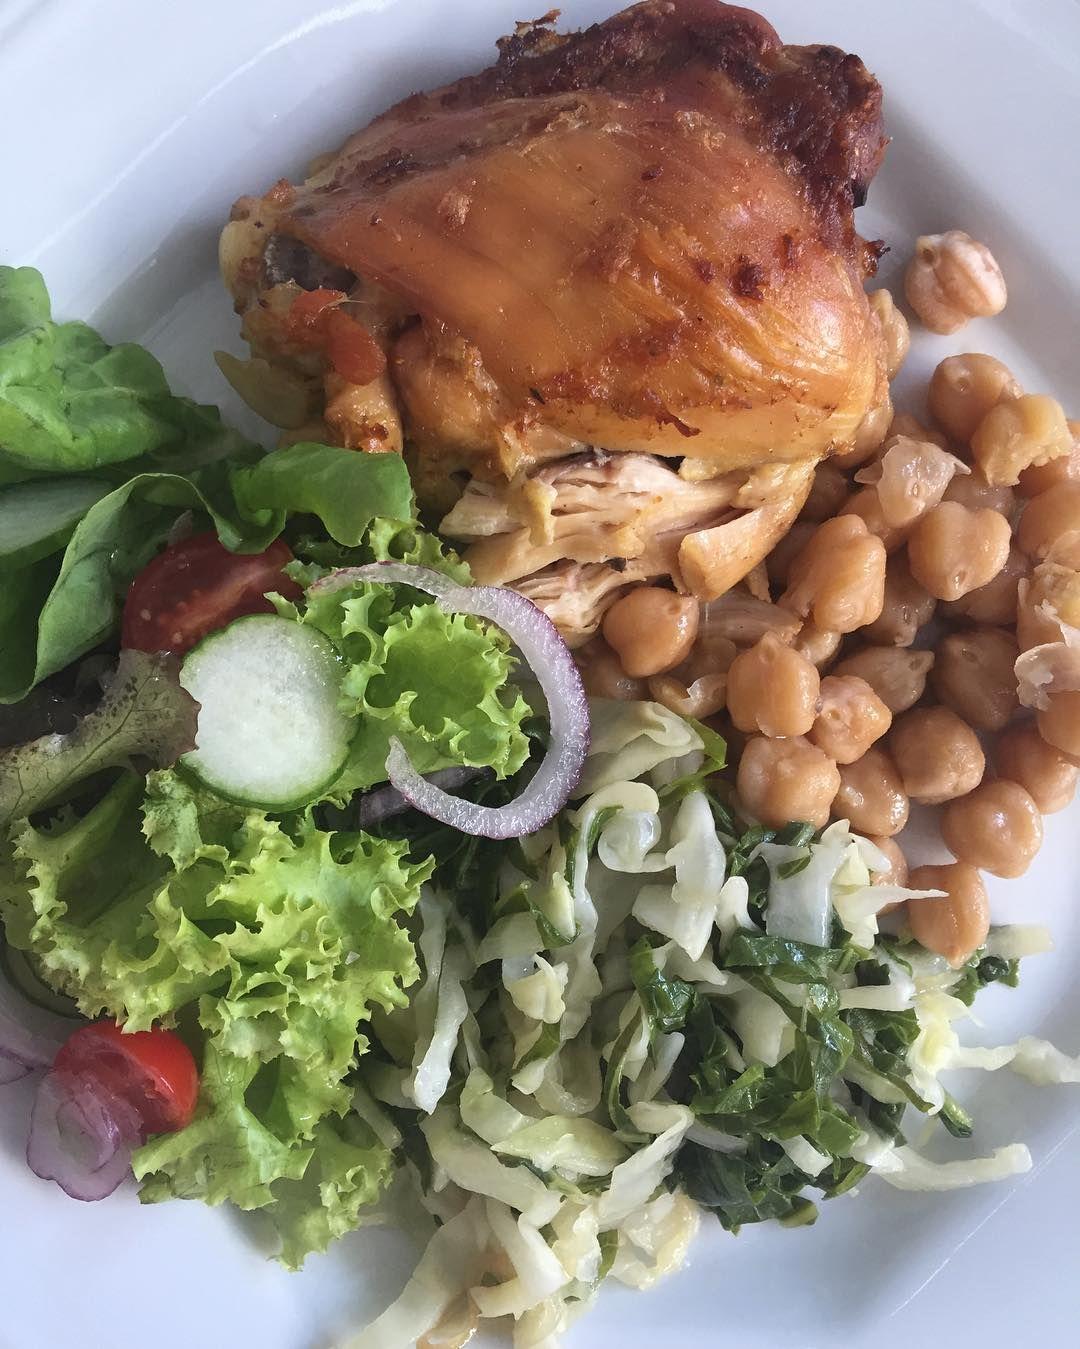 Almoço de hoje foi franguinho assado  grão de bico  couve e repolho refogados  saladinha  #eatclean #healthylifestyle by realfitlife_